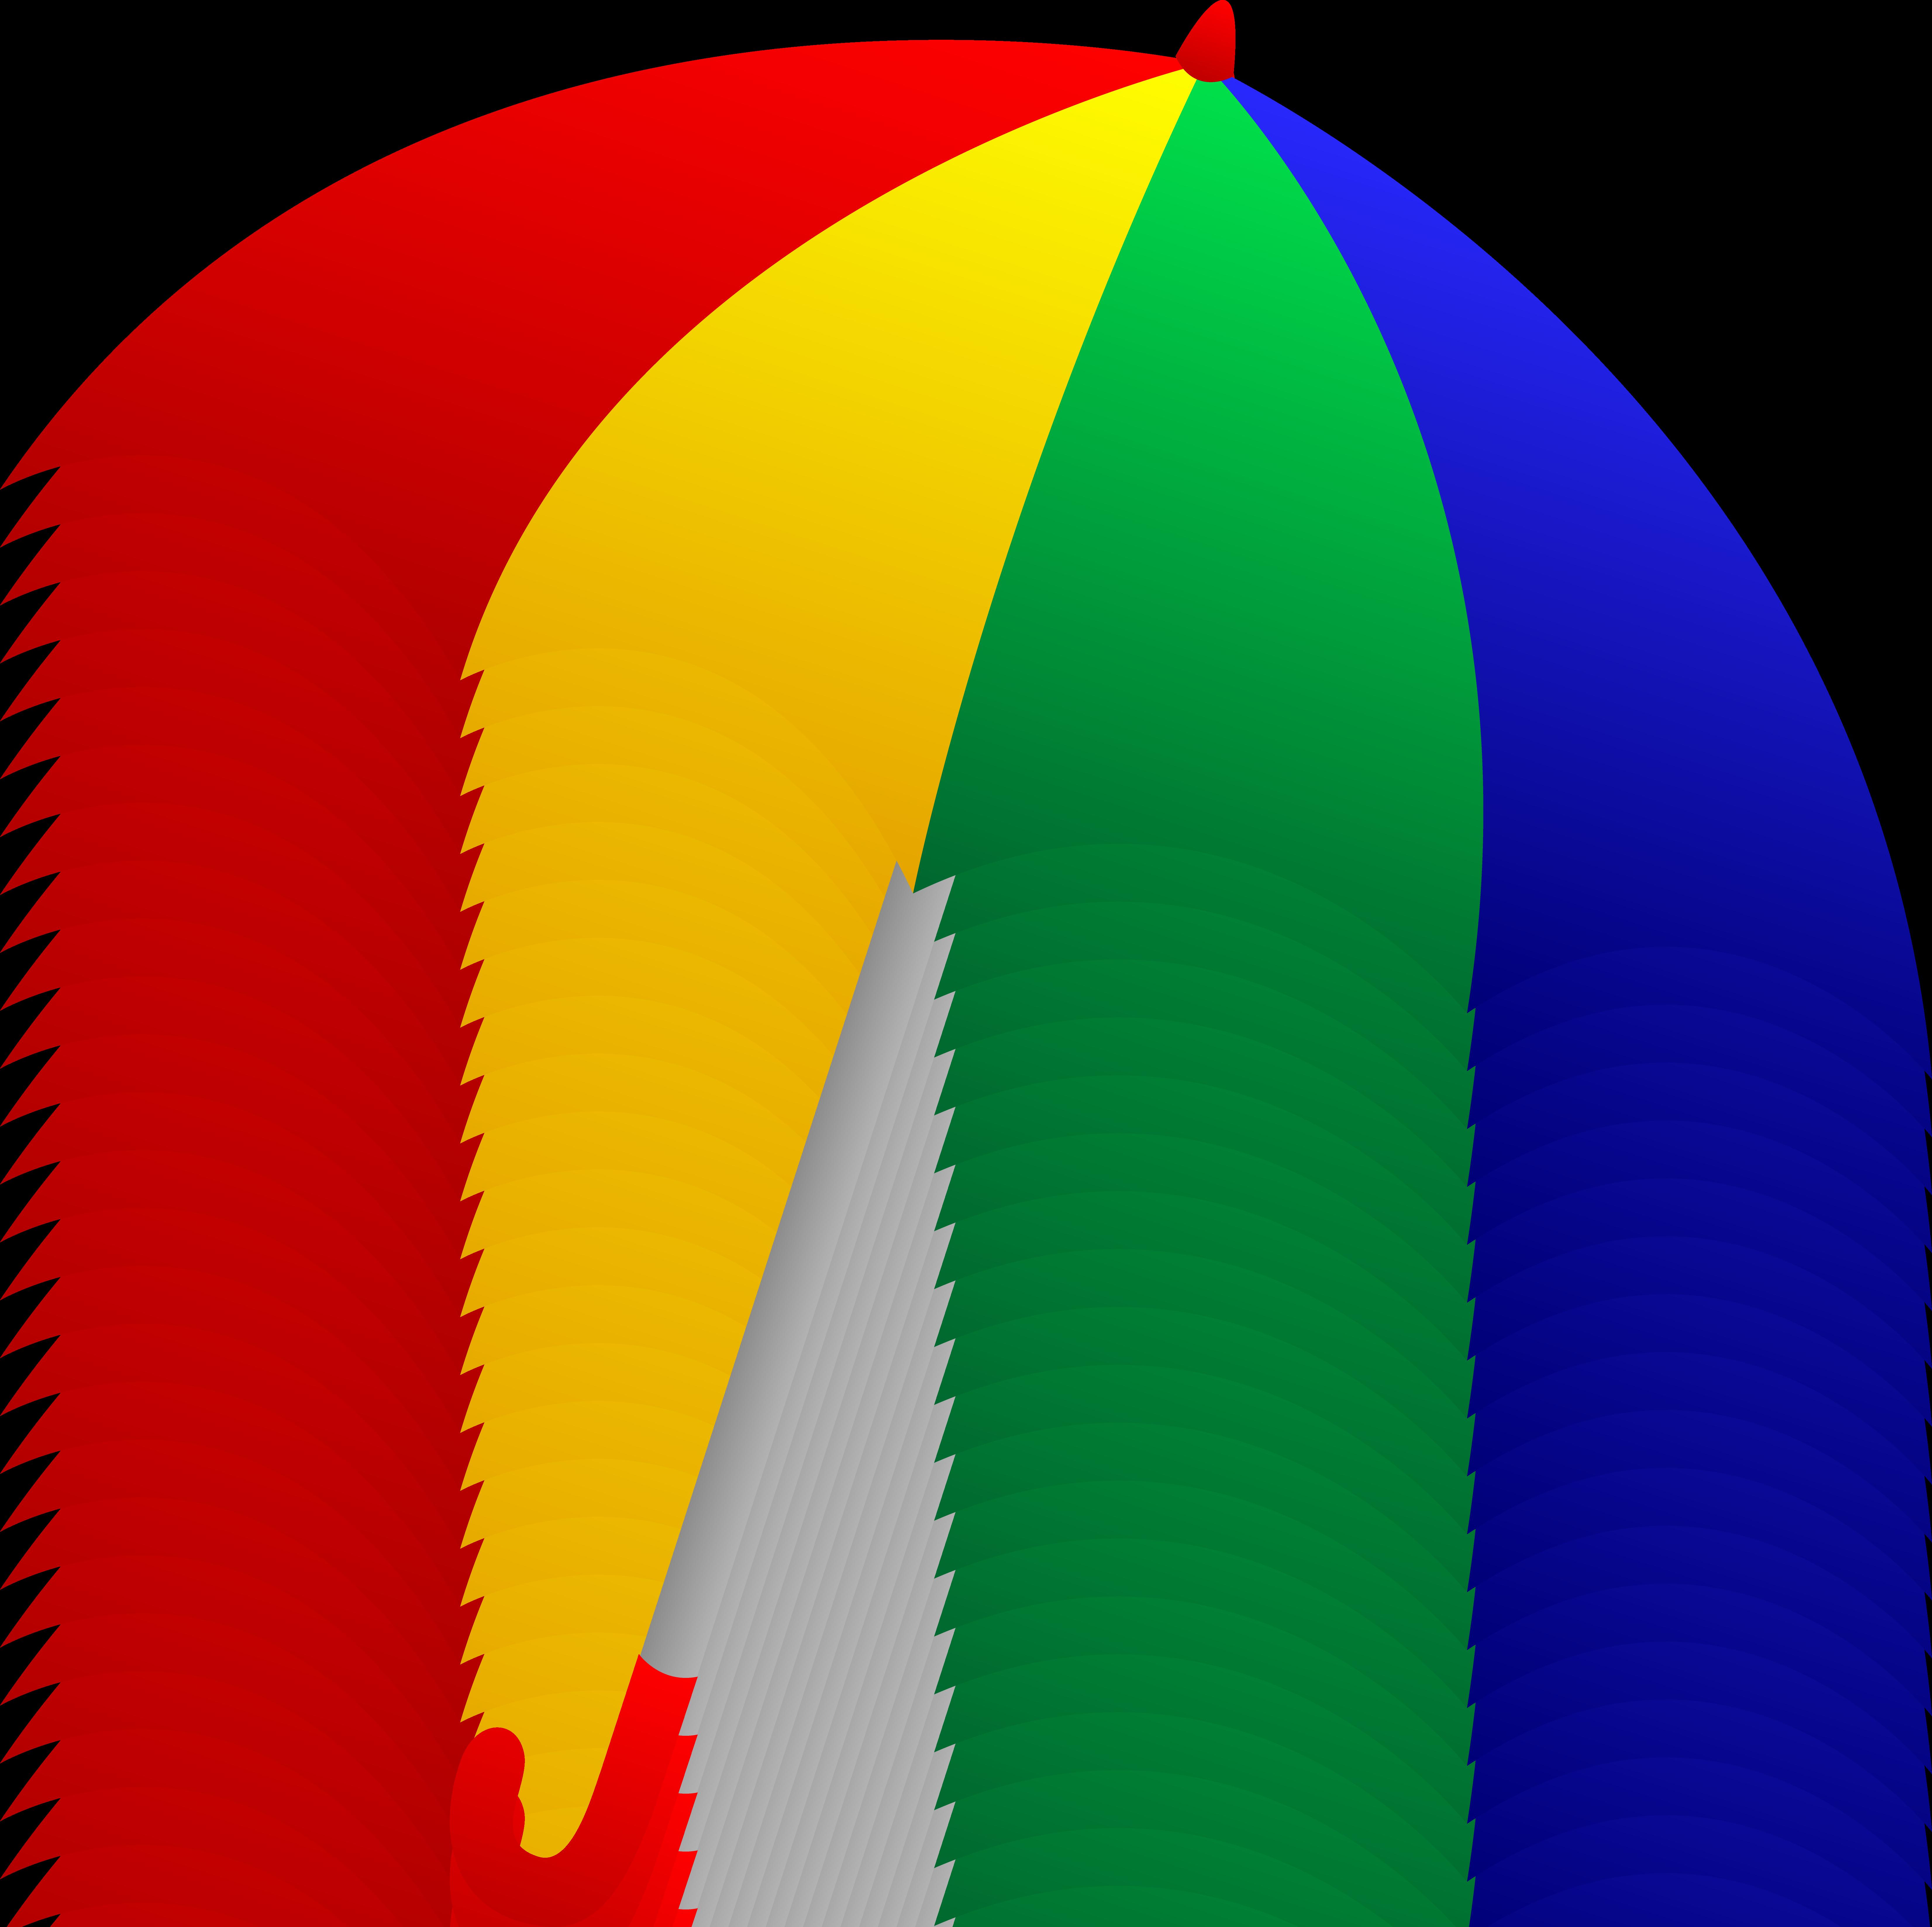 6607x6590 Umbrella Clipart